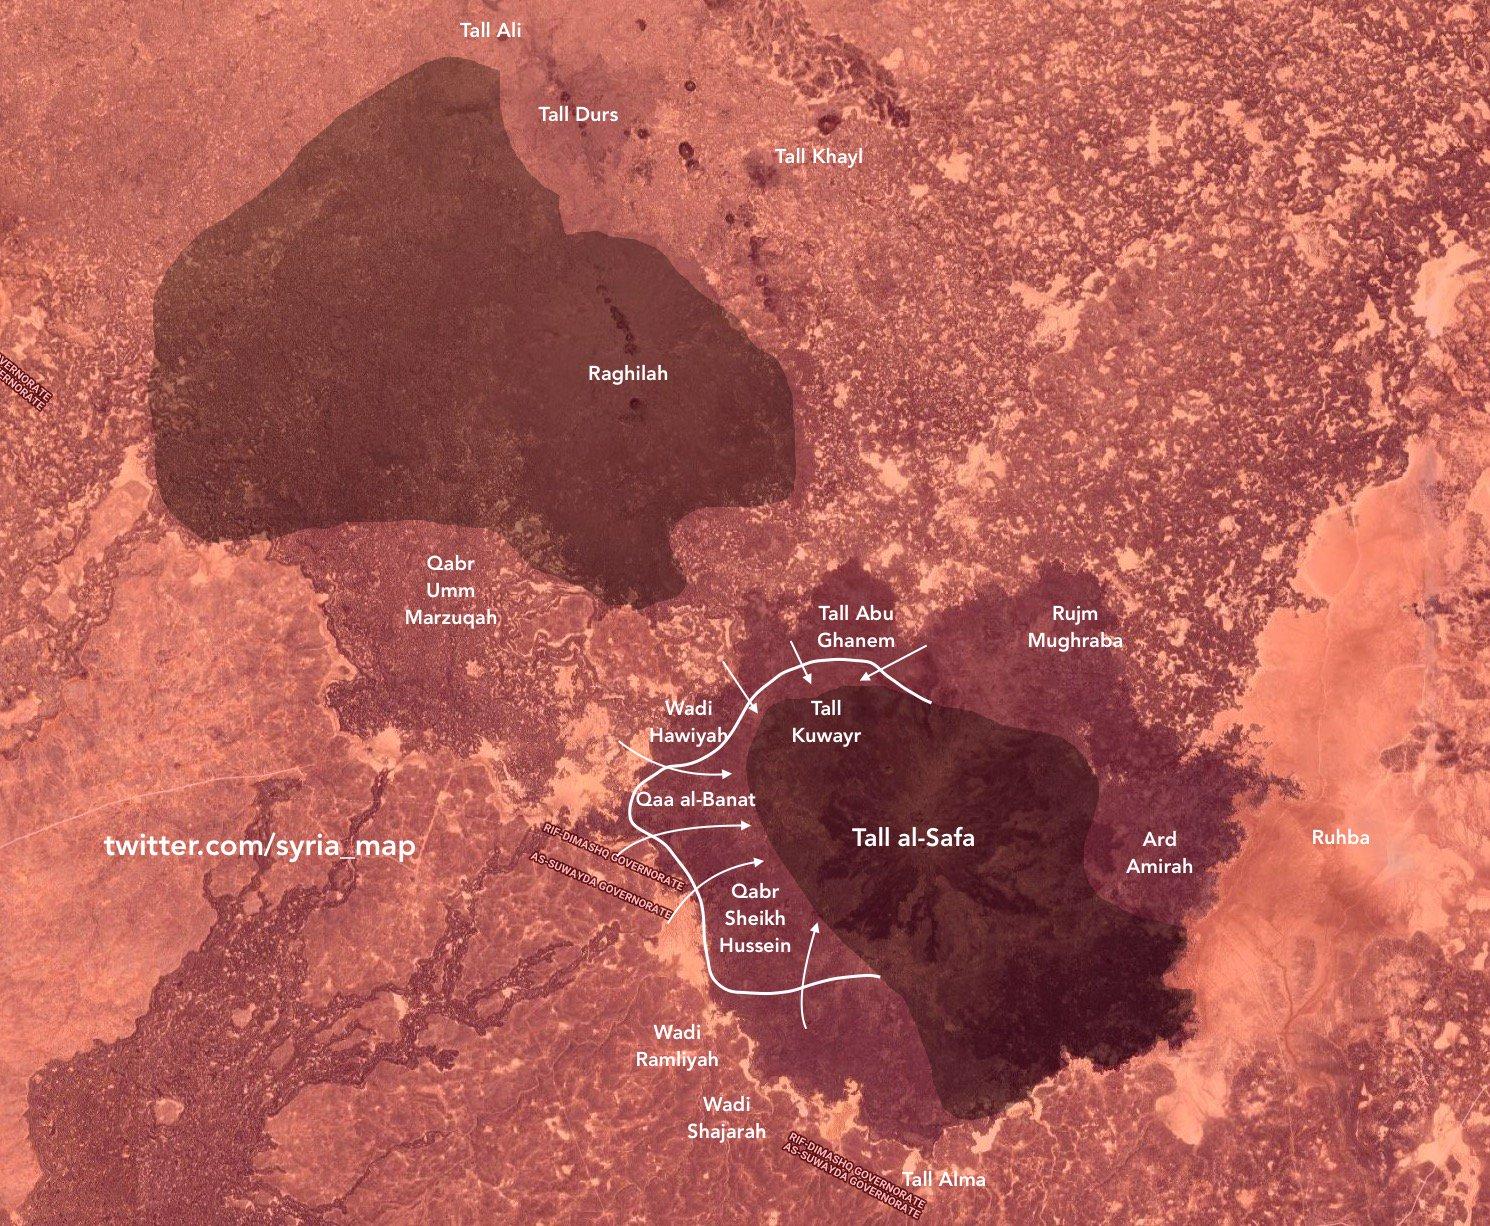 Aktuální vojenská situace ve vulkanické oblasti Al-Safa na jihu Sýrie